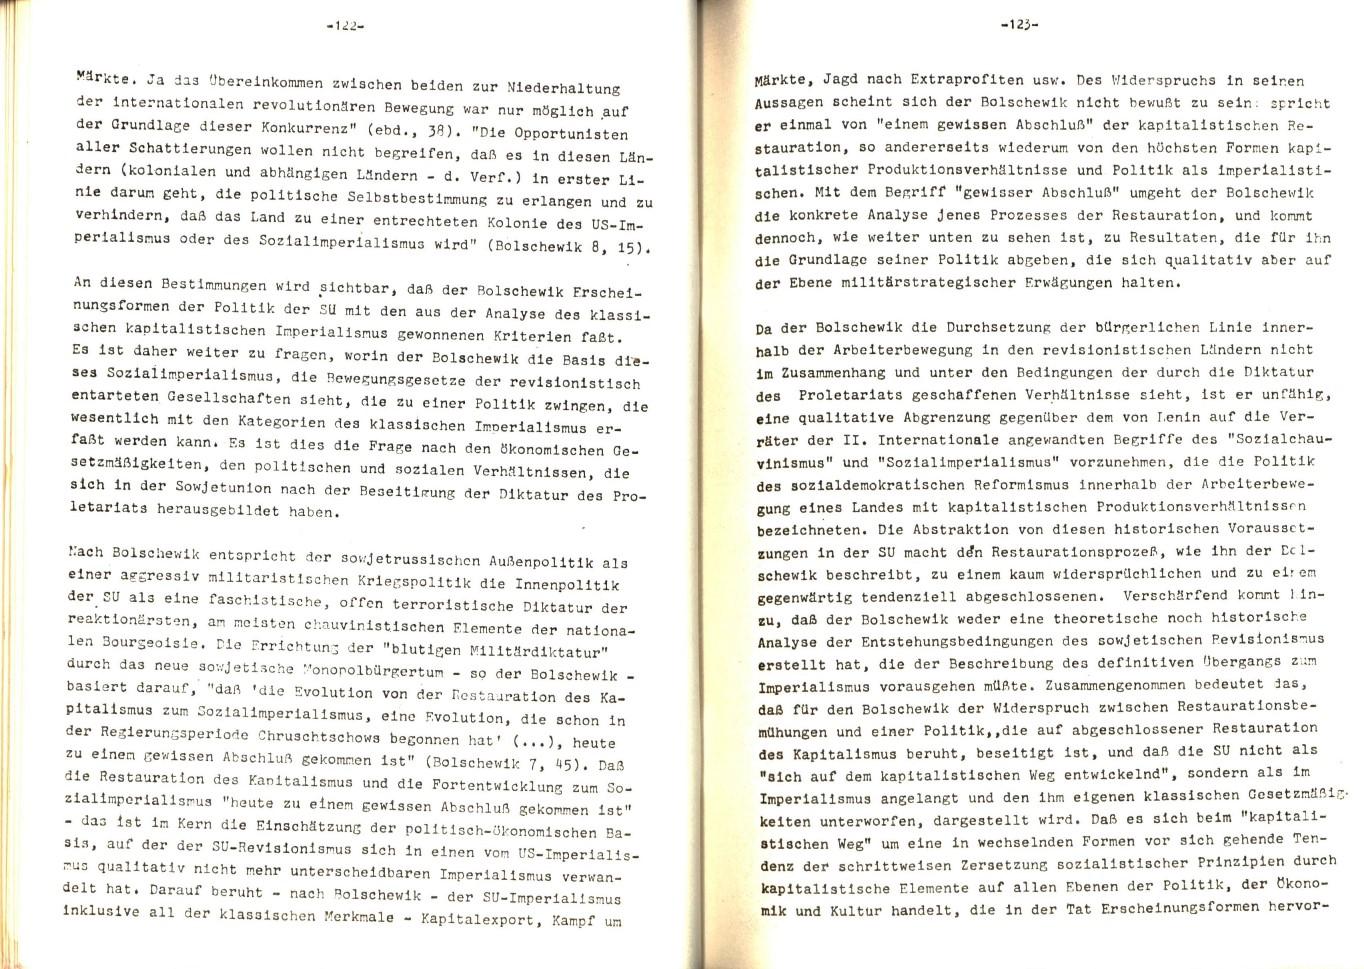 PLPI_1971_Aufloesung_64